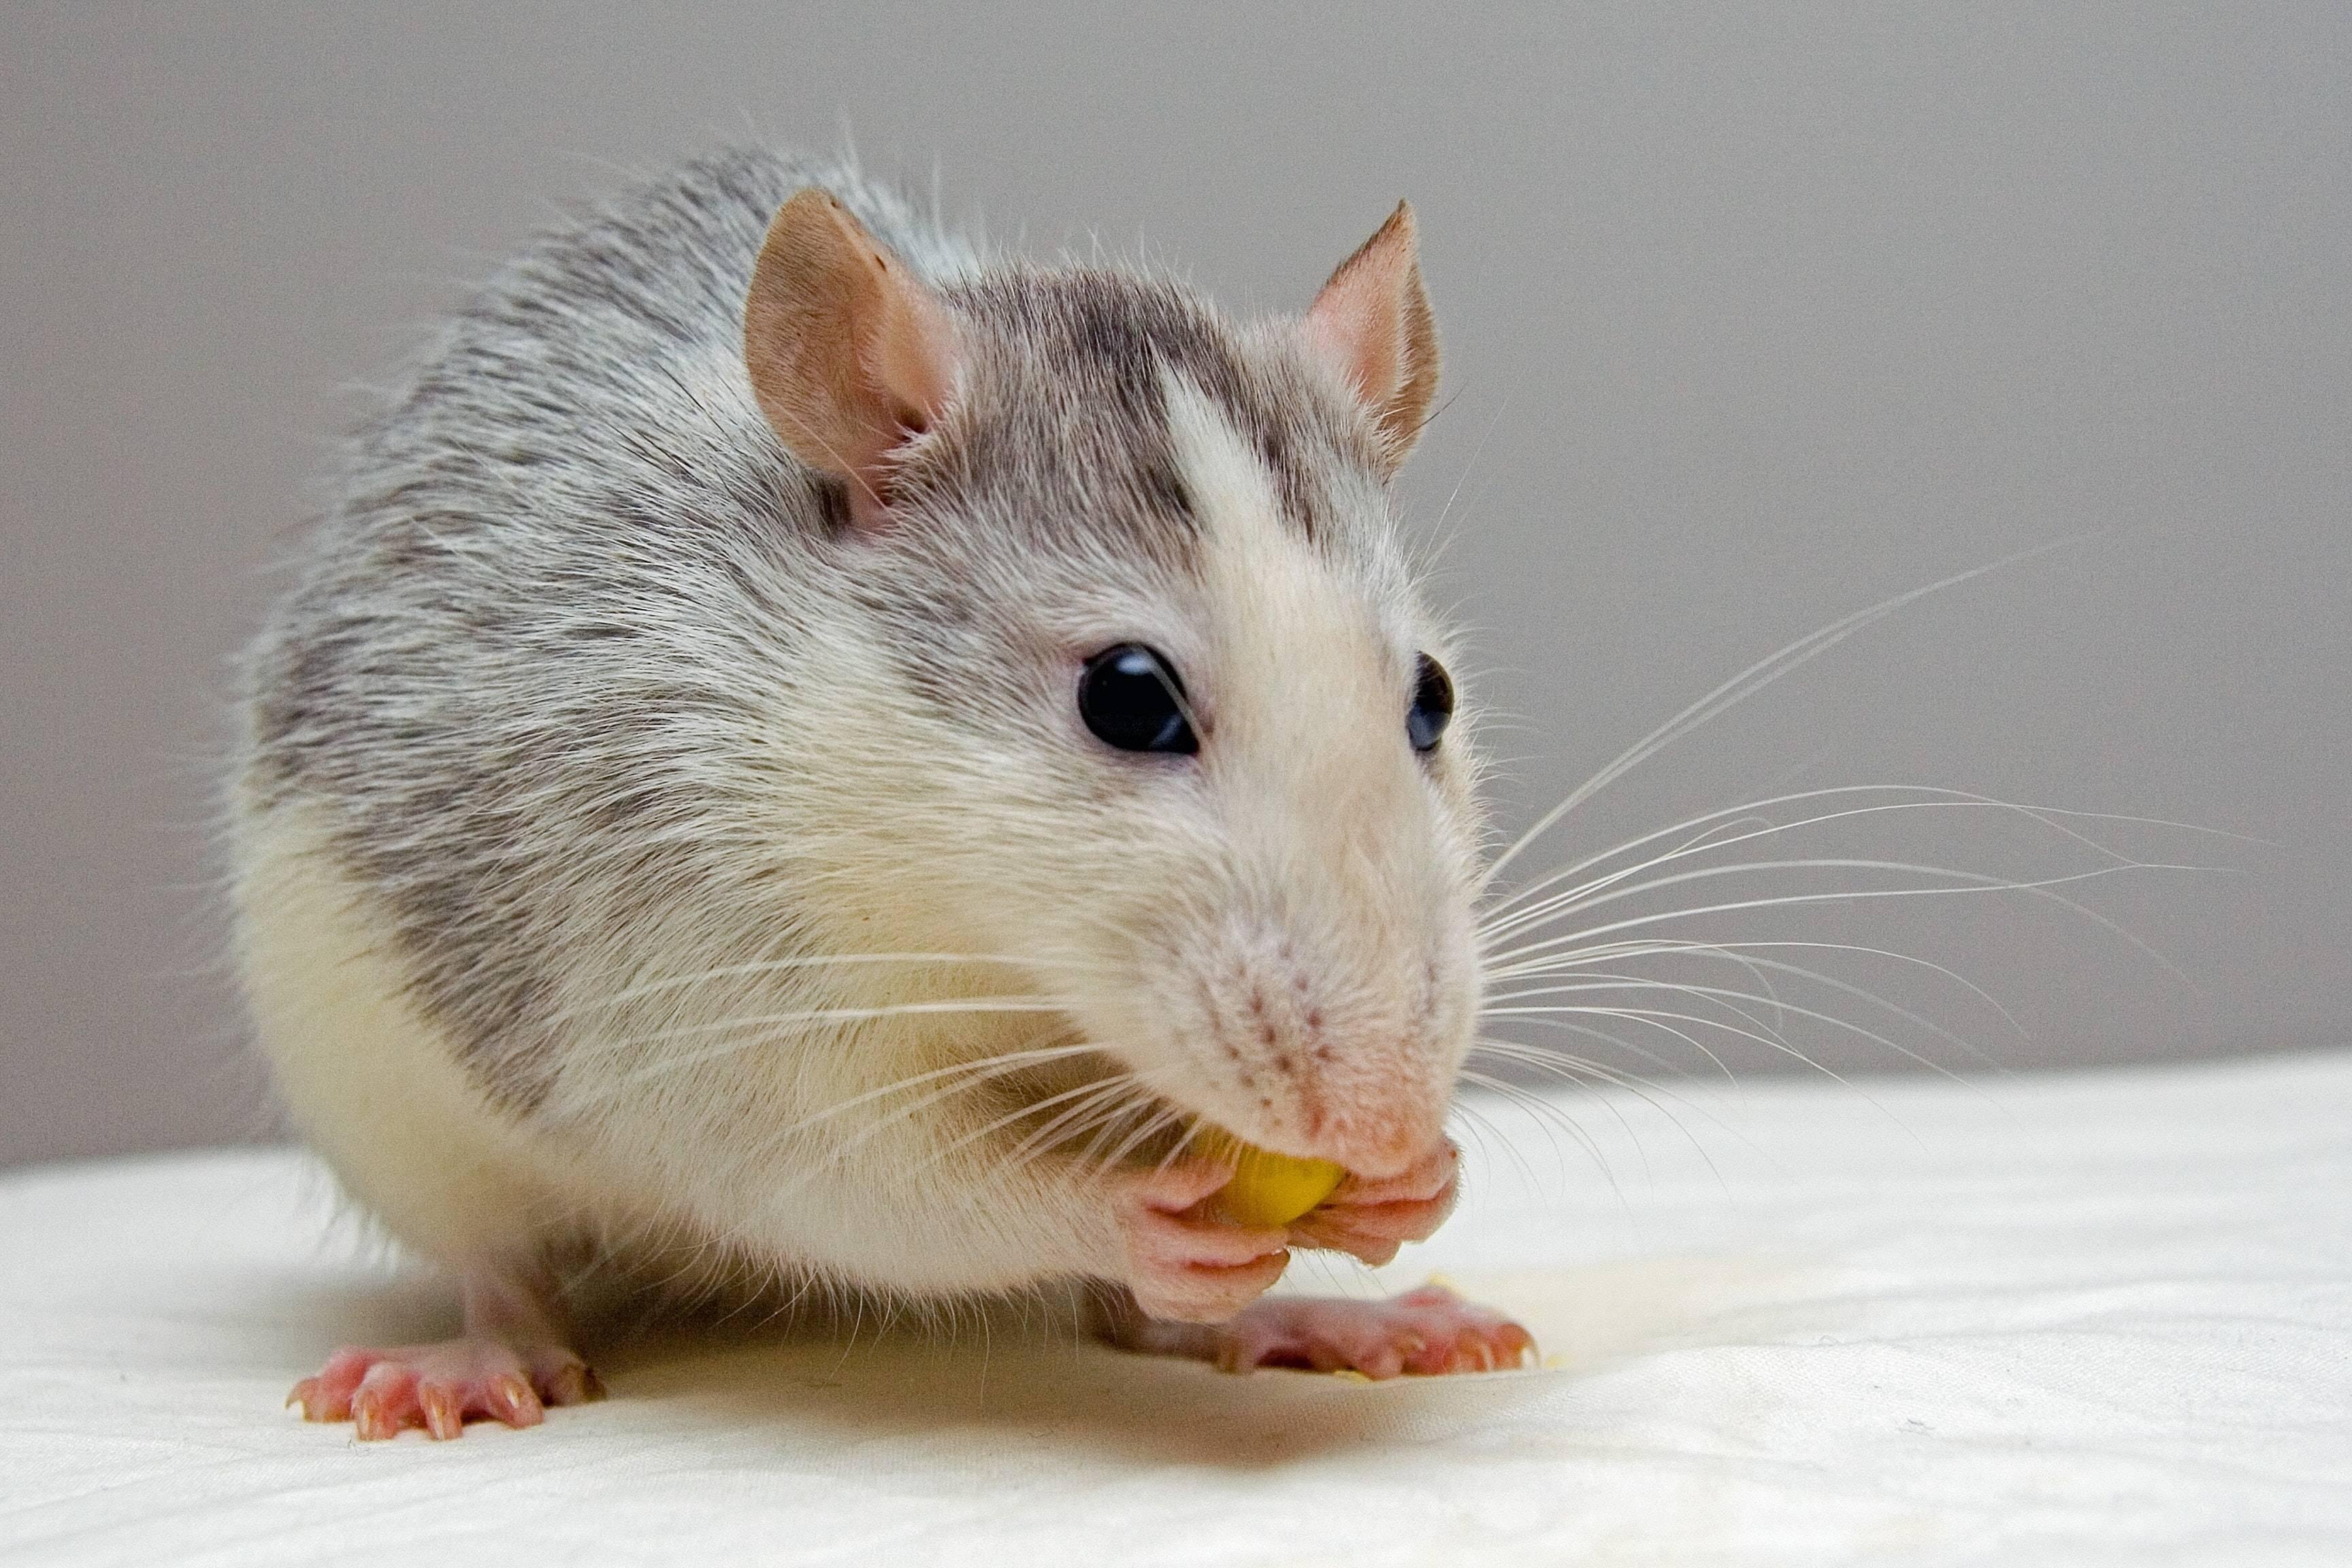 Científicos provocaron la regeneración de los dientes de un grupo de ratones que los habían perdido